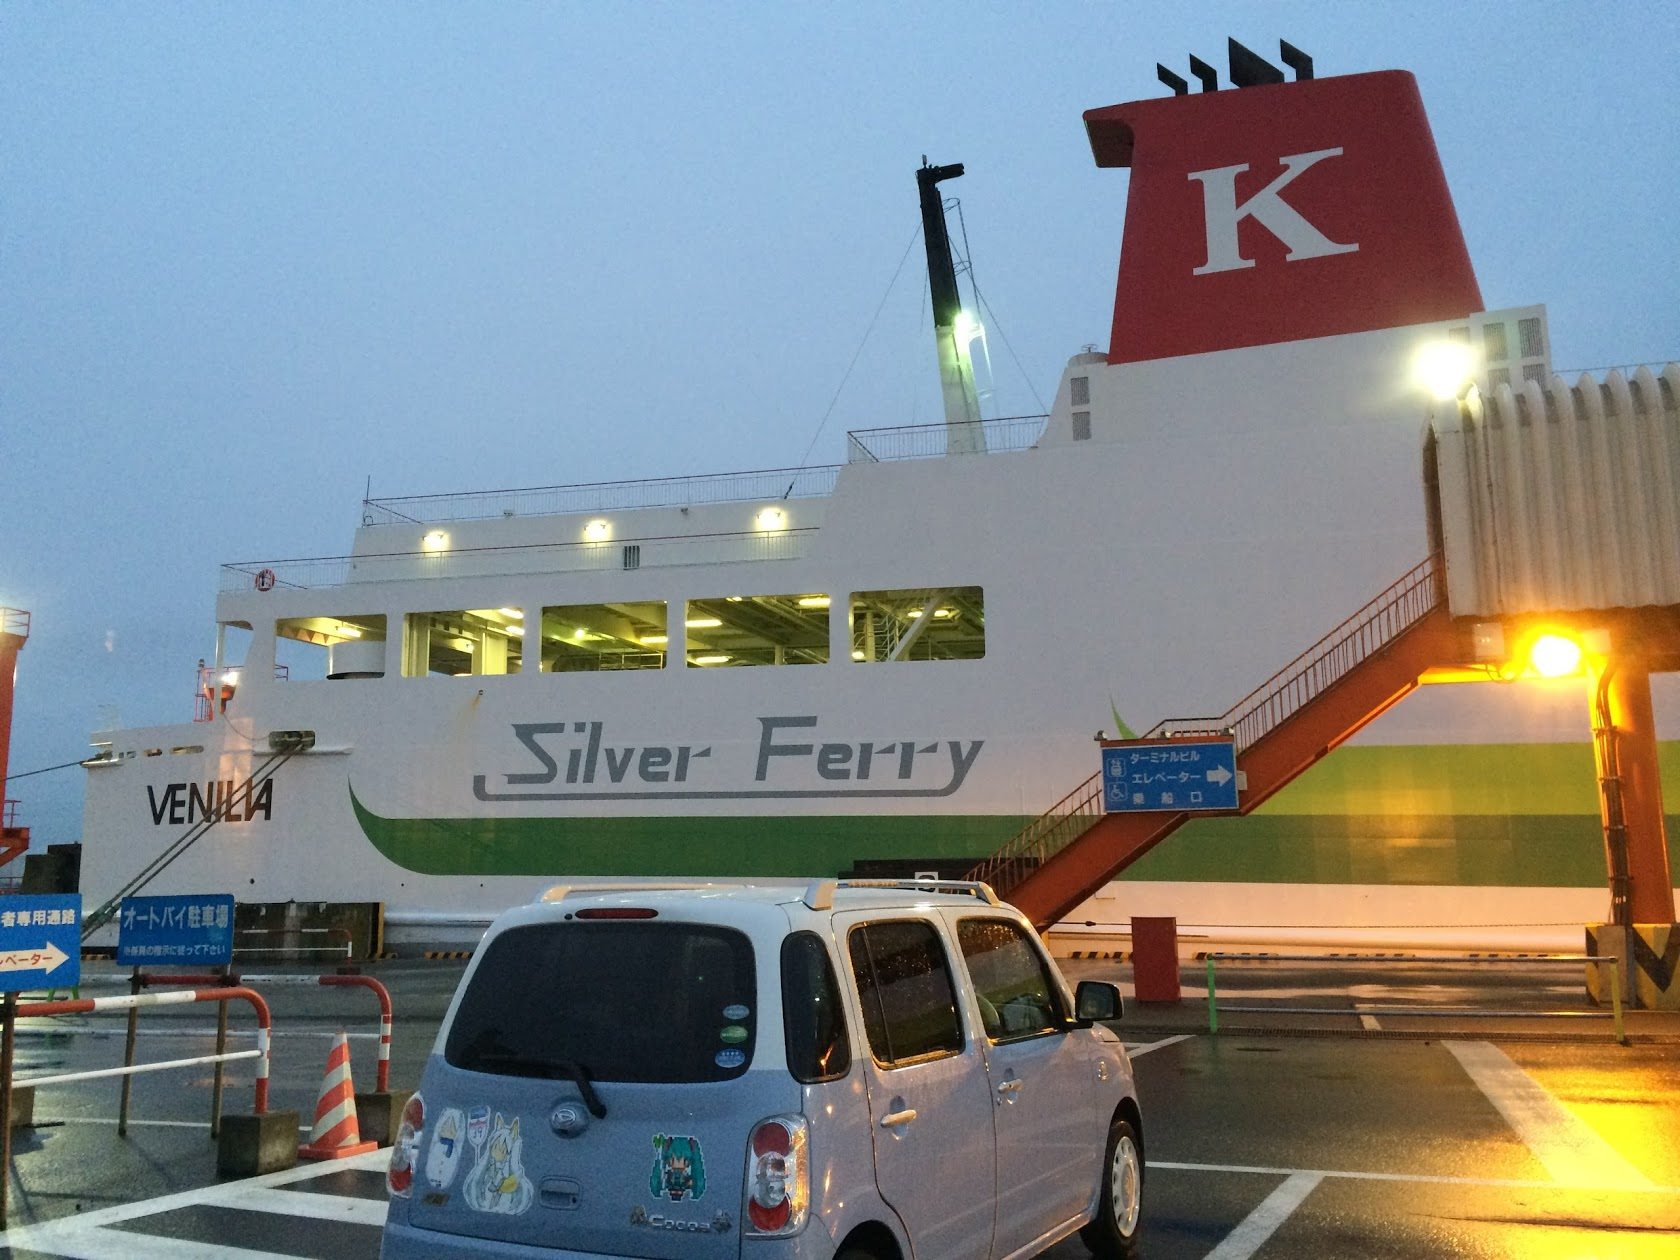 シルバーフェリー「ベにりあ」 at 苫小牧フェリーターミナル